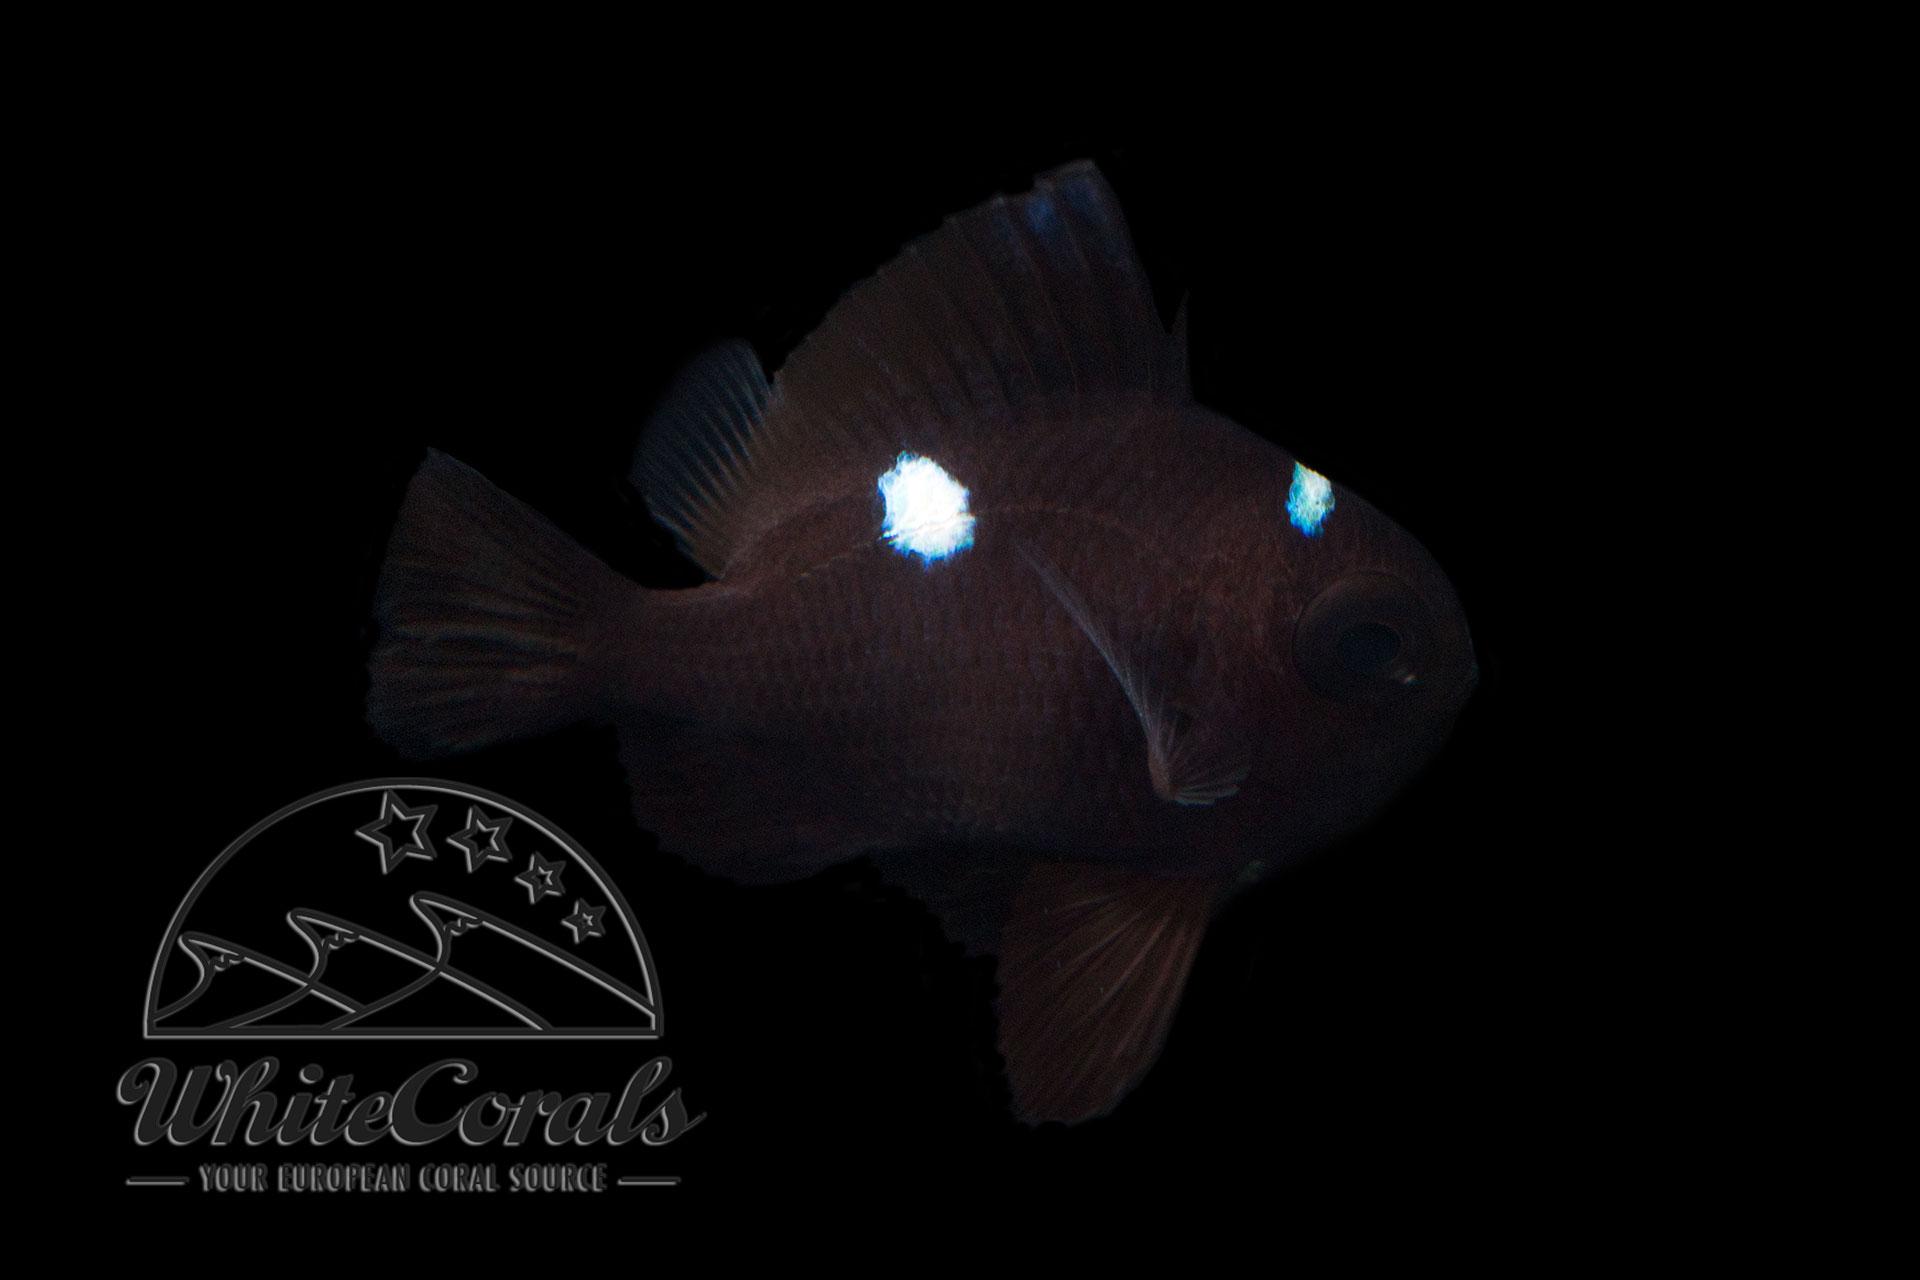 Dascyllus trimaculatus - Dreipunkt Preußenfisch